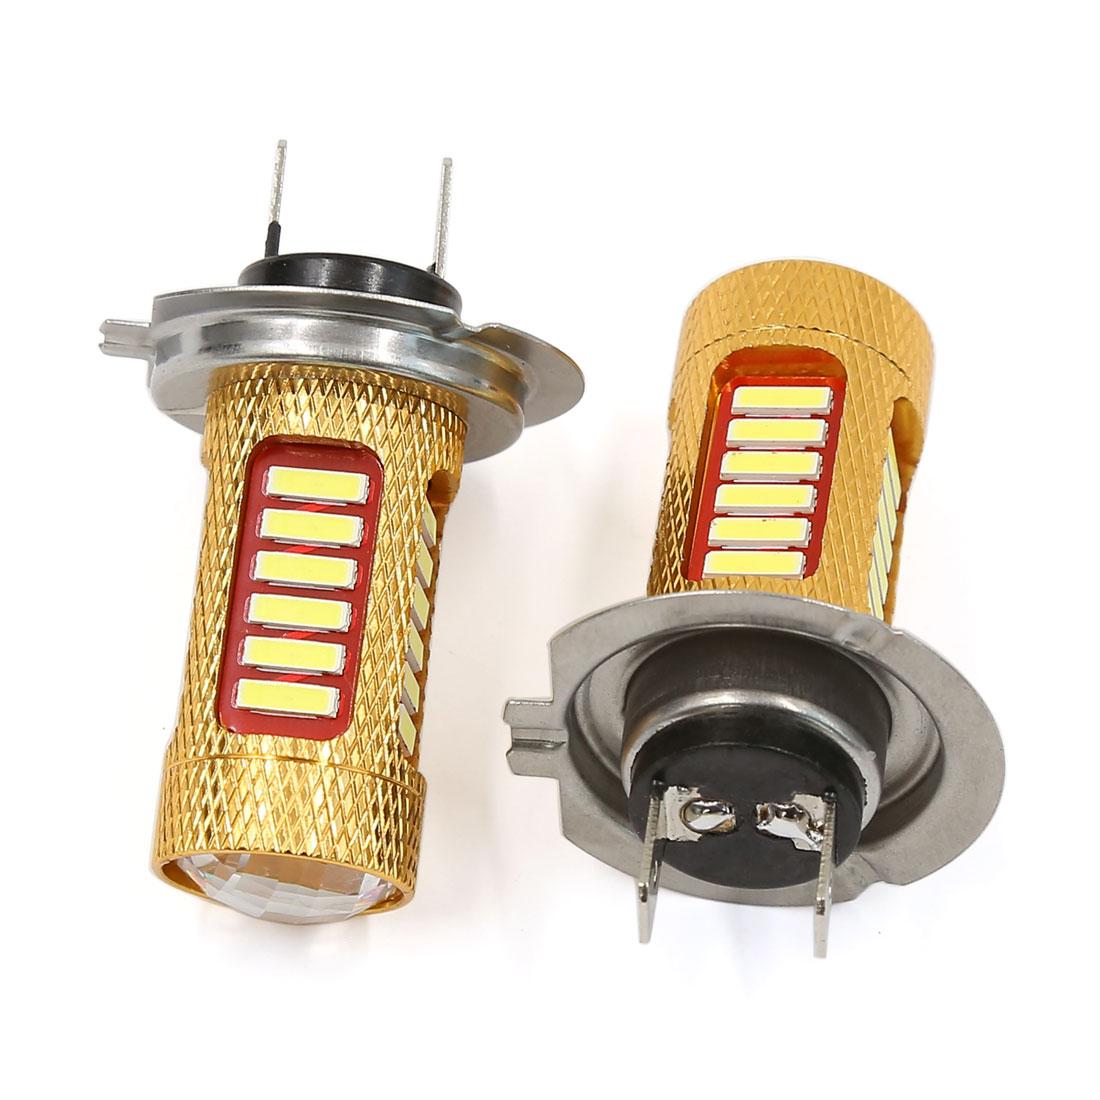 2pcs H7 Socket White 27 SMD LED DRL Fog Driving Light Headlight Bulbs for Car